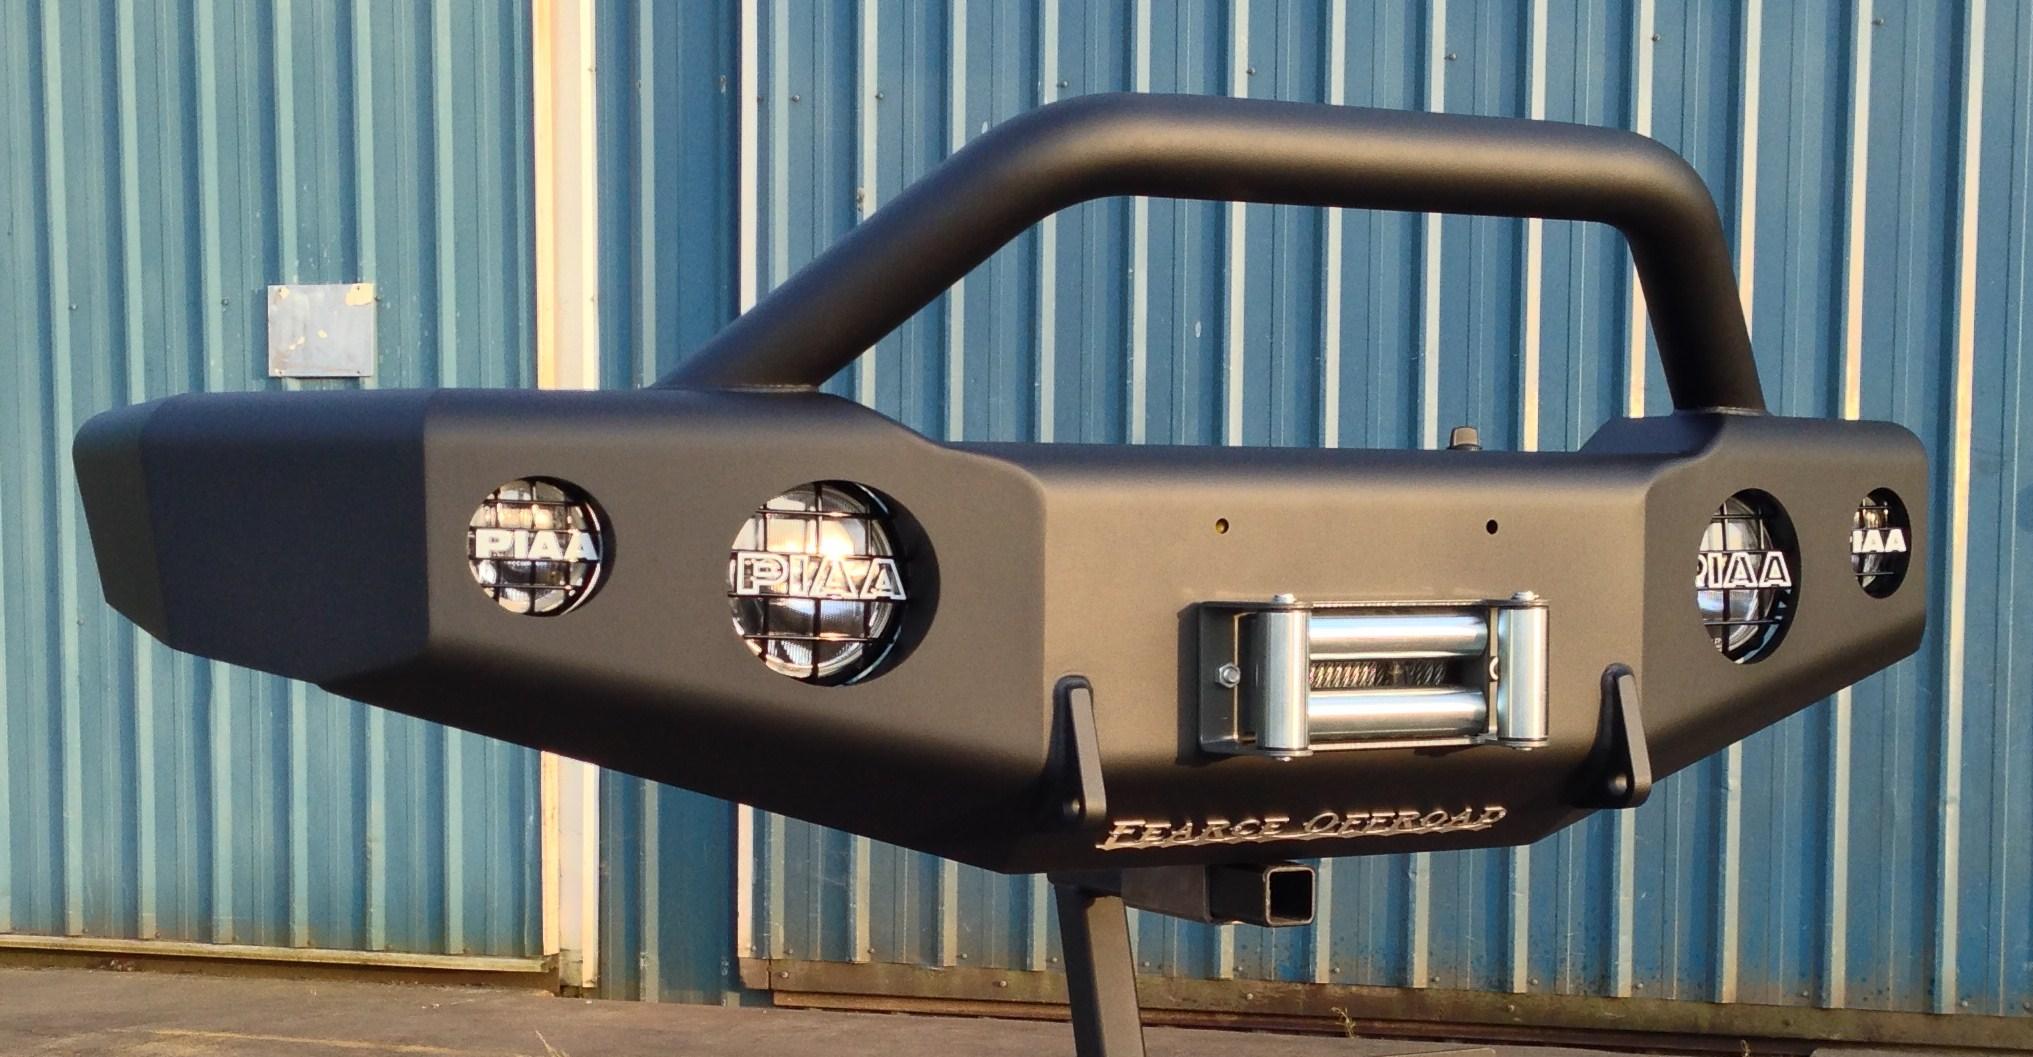 2003 Chevy Silverado Rear Bumper